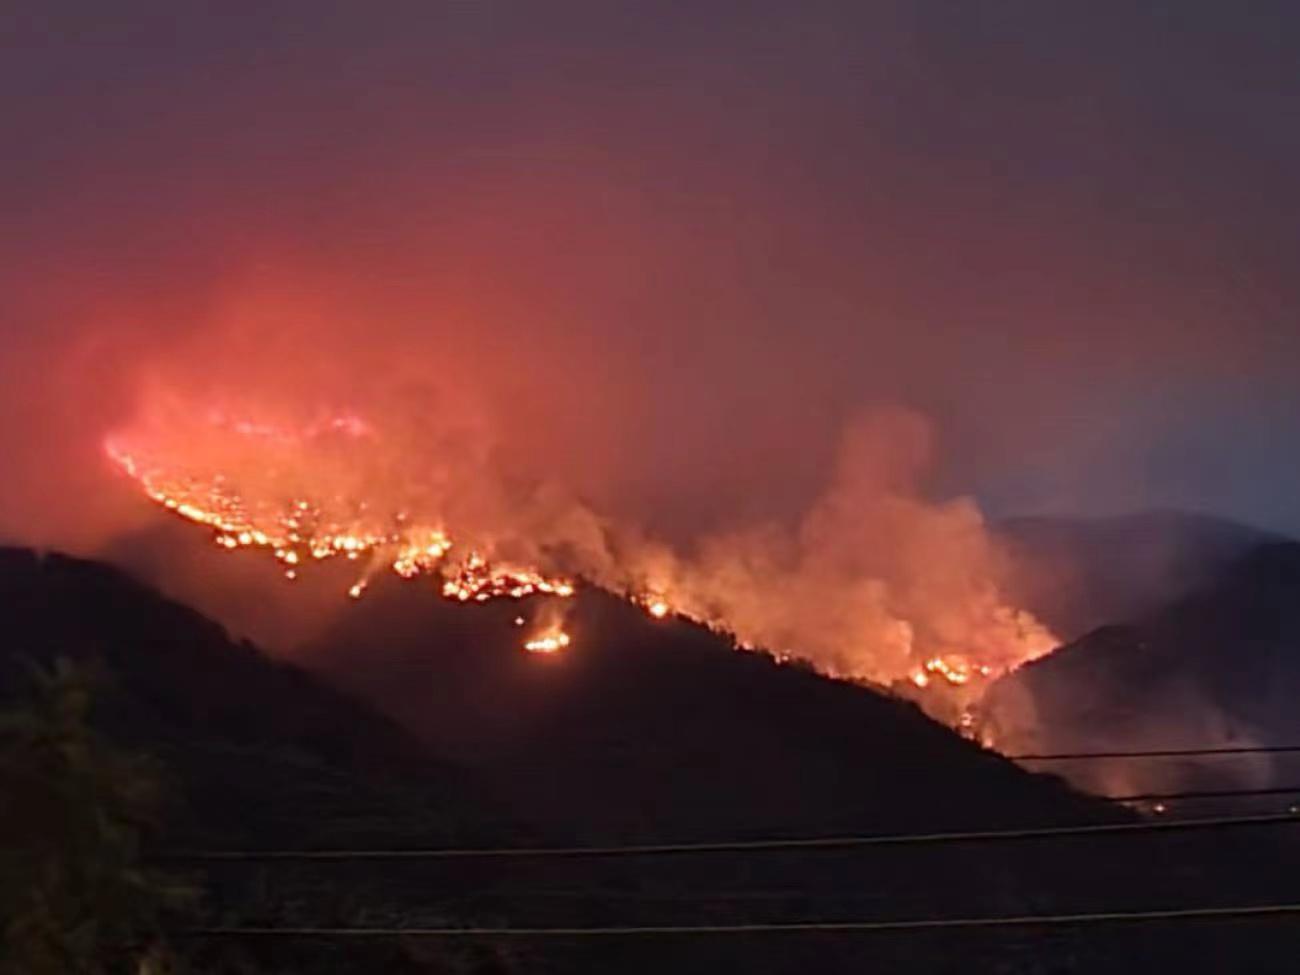 西班牙马拉加省山火已得到控制 共烧毁约10000公顷土地